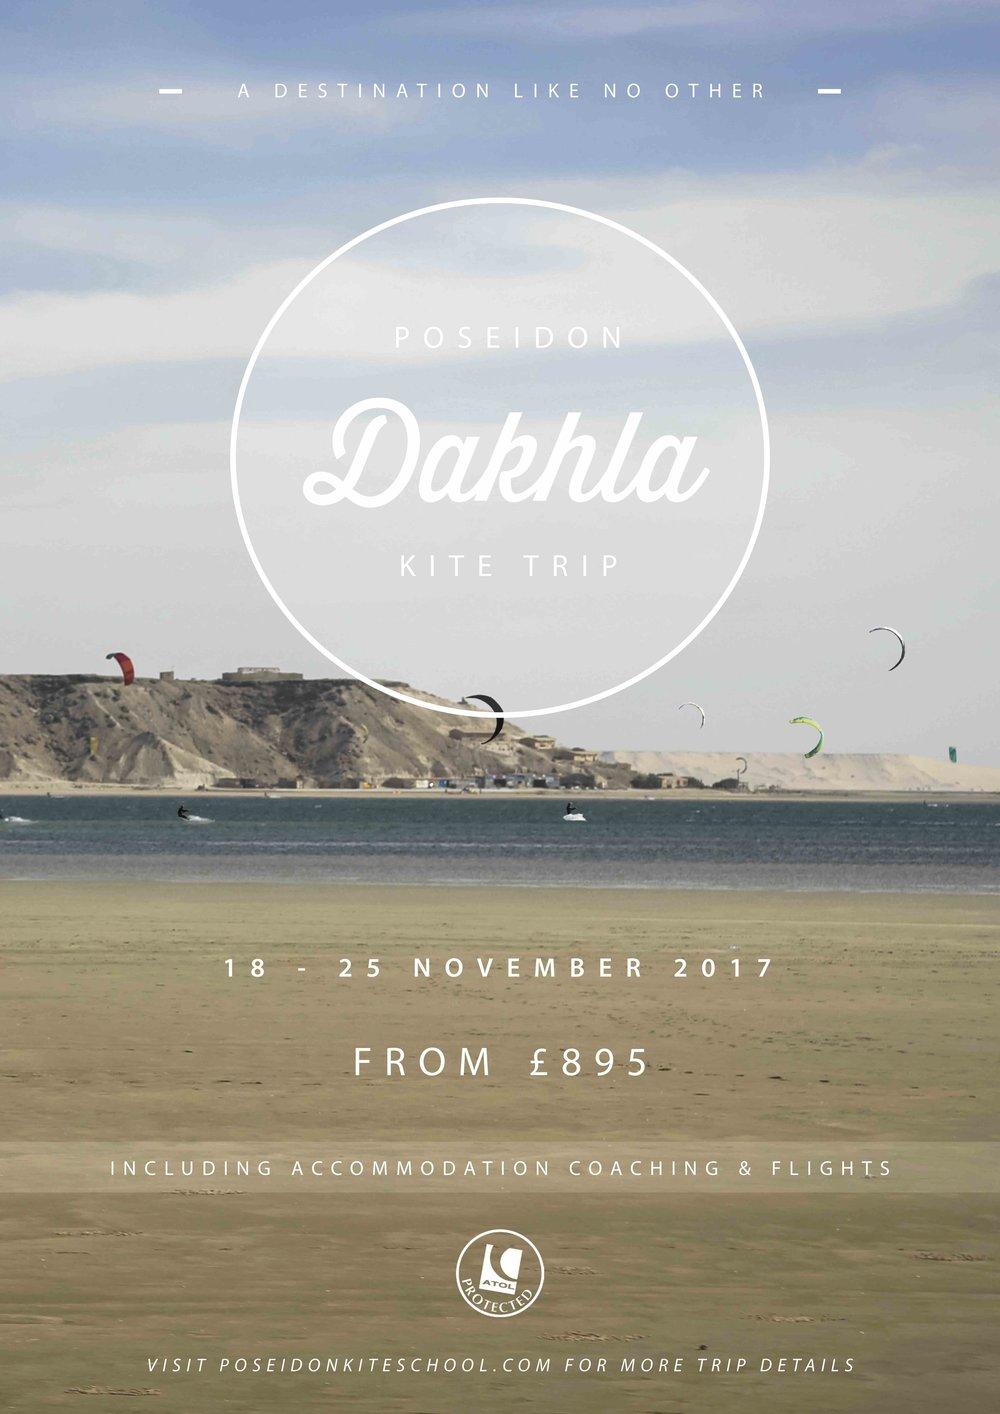 Dakhla_kitesurf_2017